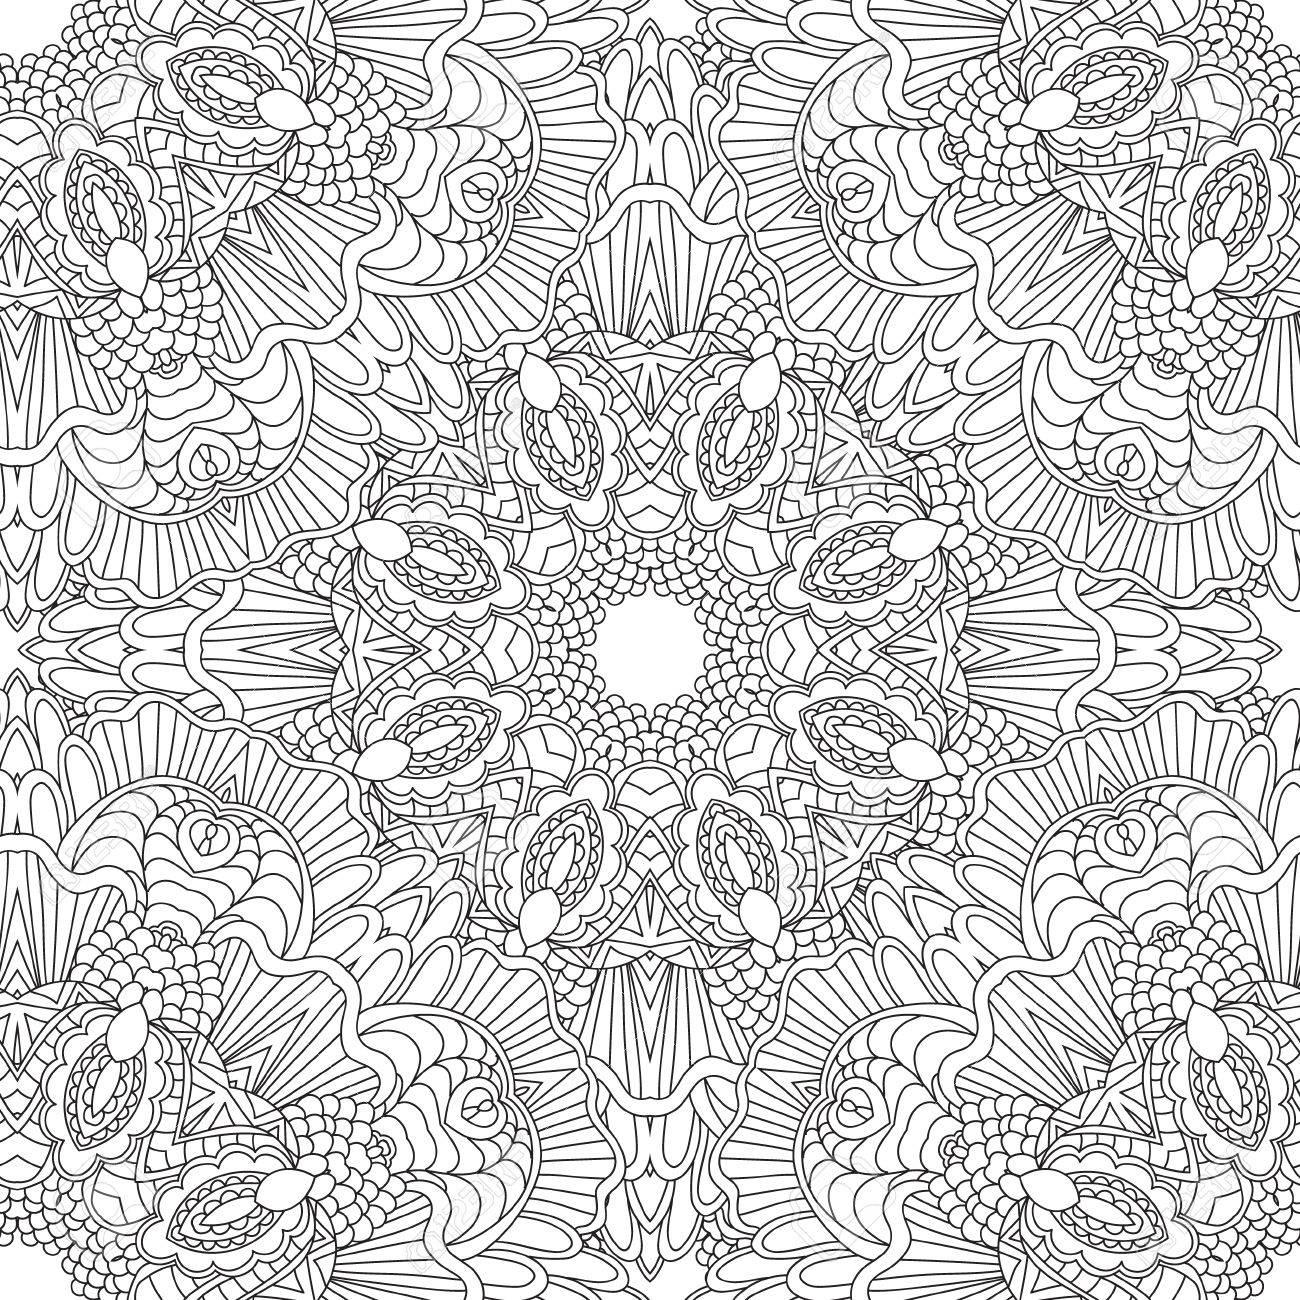 Coloriage Mandala Nature.Coloriages Pour Les Adultes Coloriage Main Book Decorative Dessinee